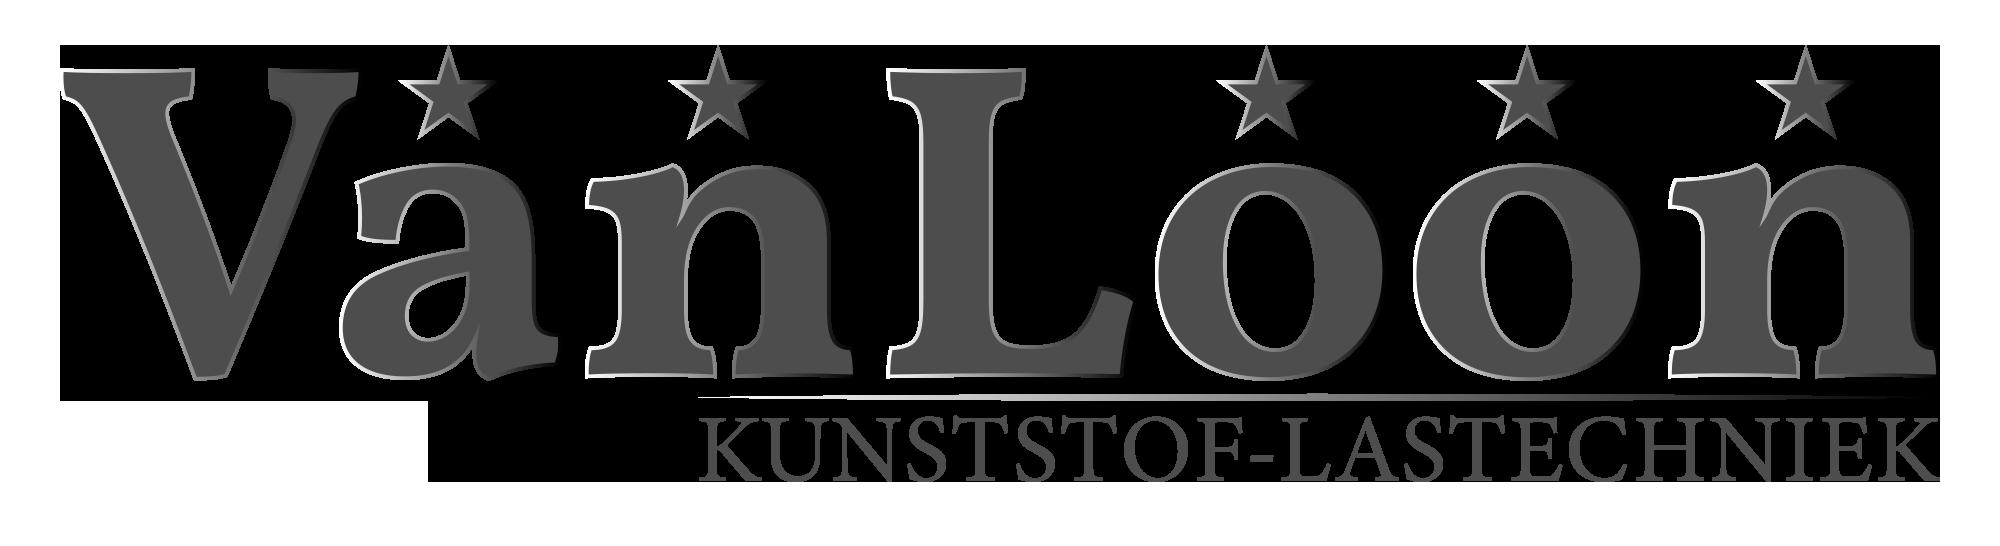 Van Loon Kunststof-Lastechniek